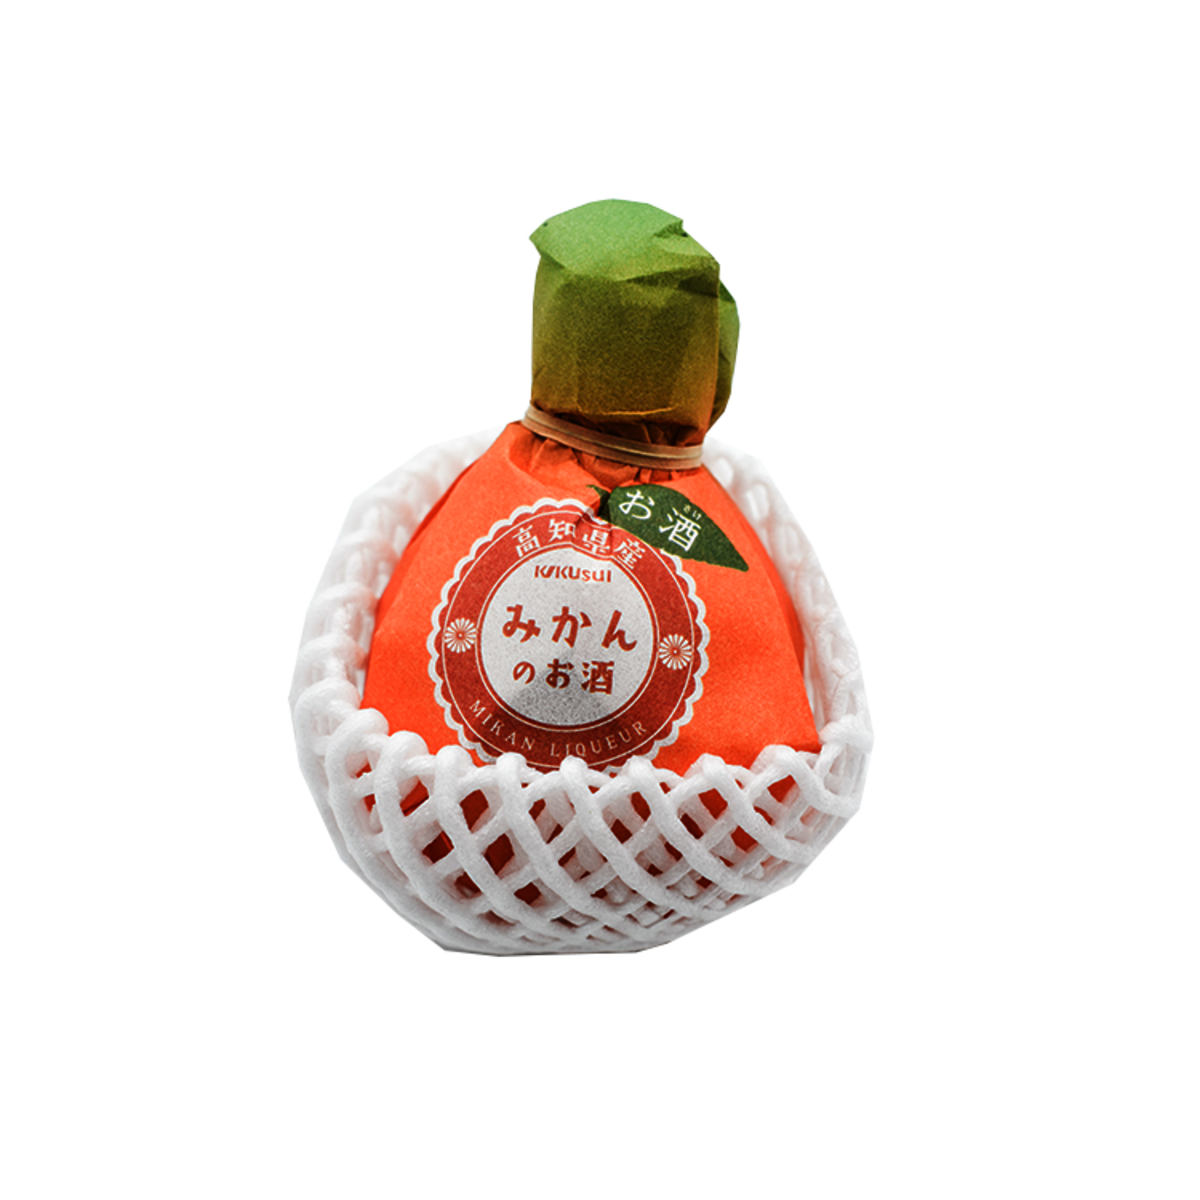 菊水酒造 - 文旦橙味酒 180ml